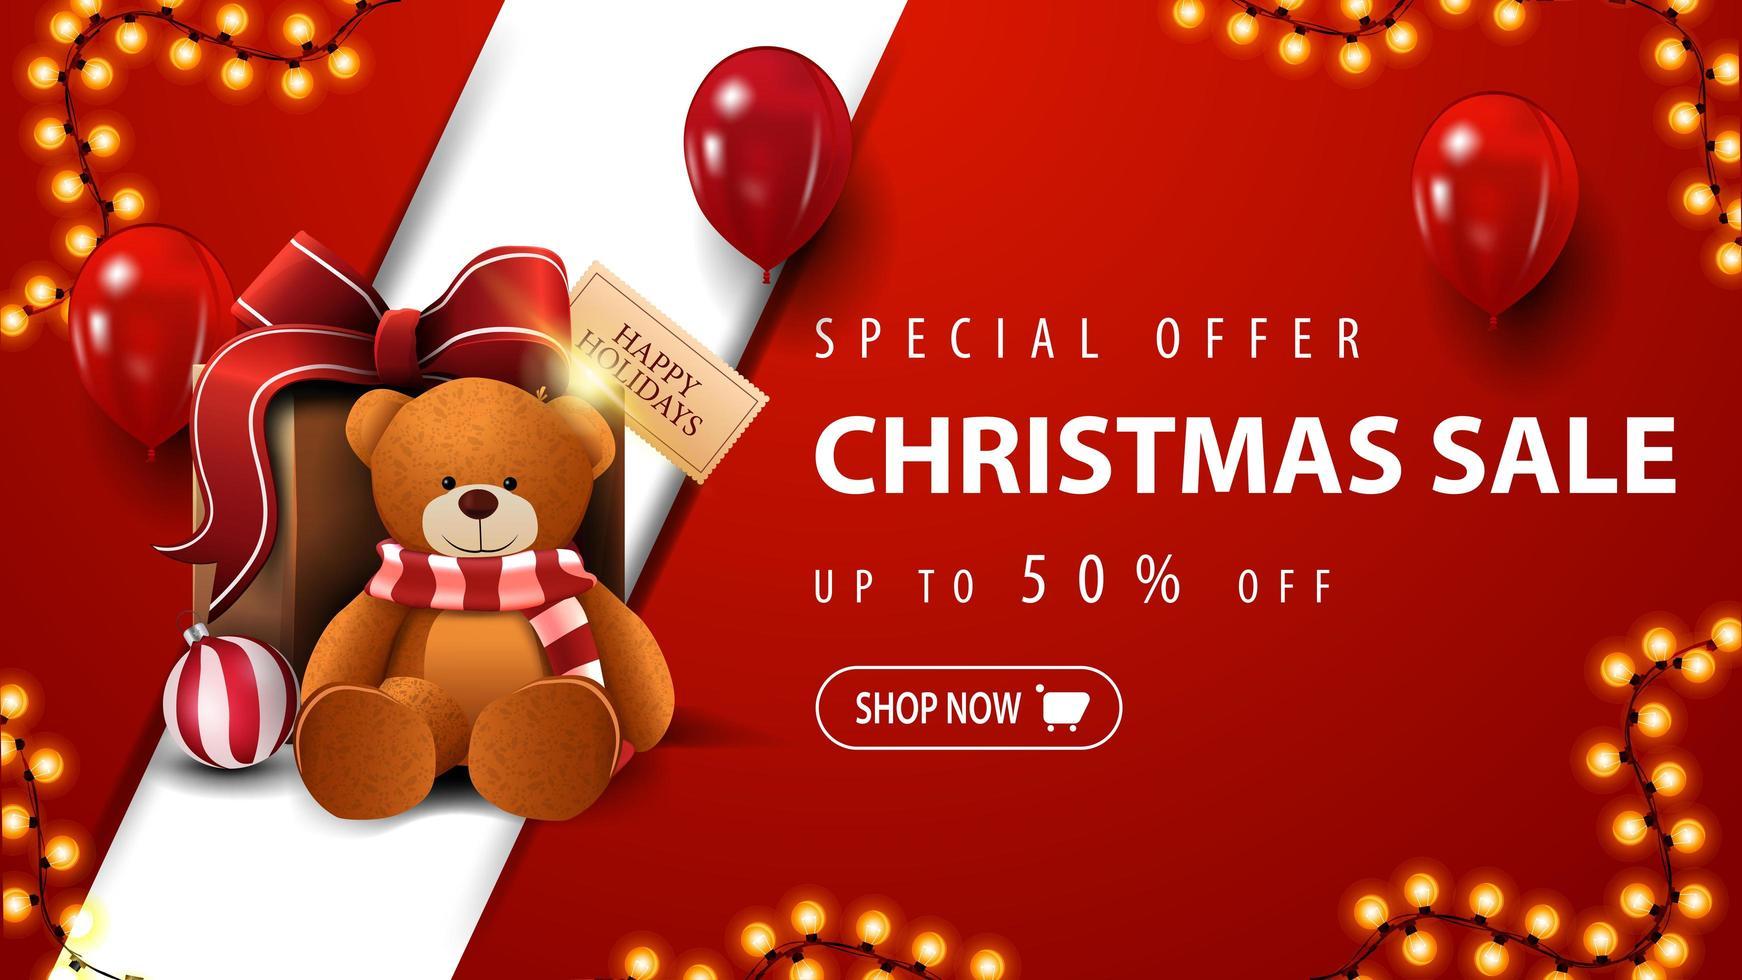 oferta especial, liquidação de natal, até 50 de desconto, banner vermelho de desconto com guirlanda, balões vermelhos e presente com ursinho de pelúcia vetor